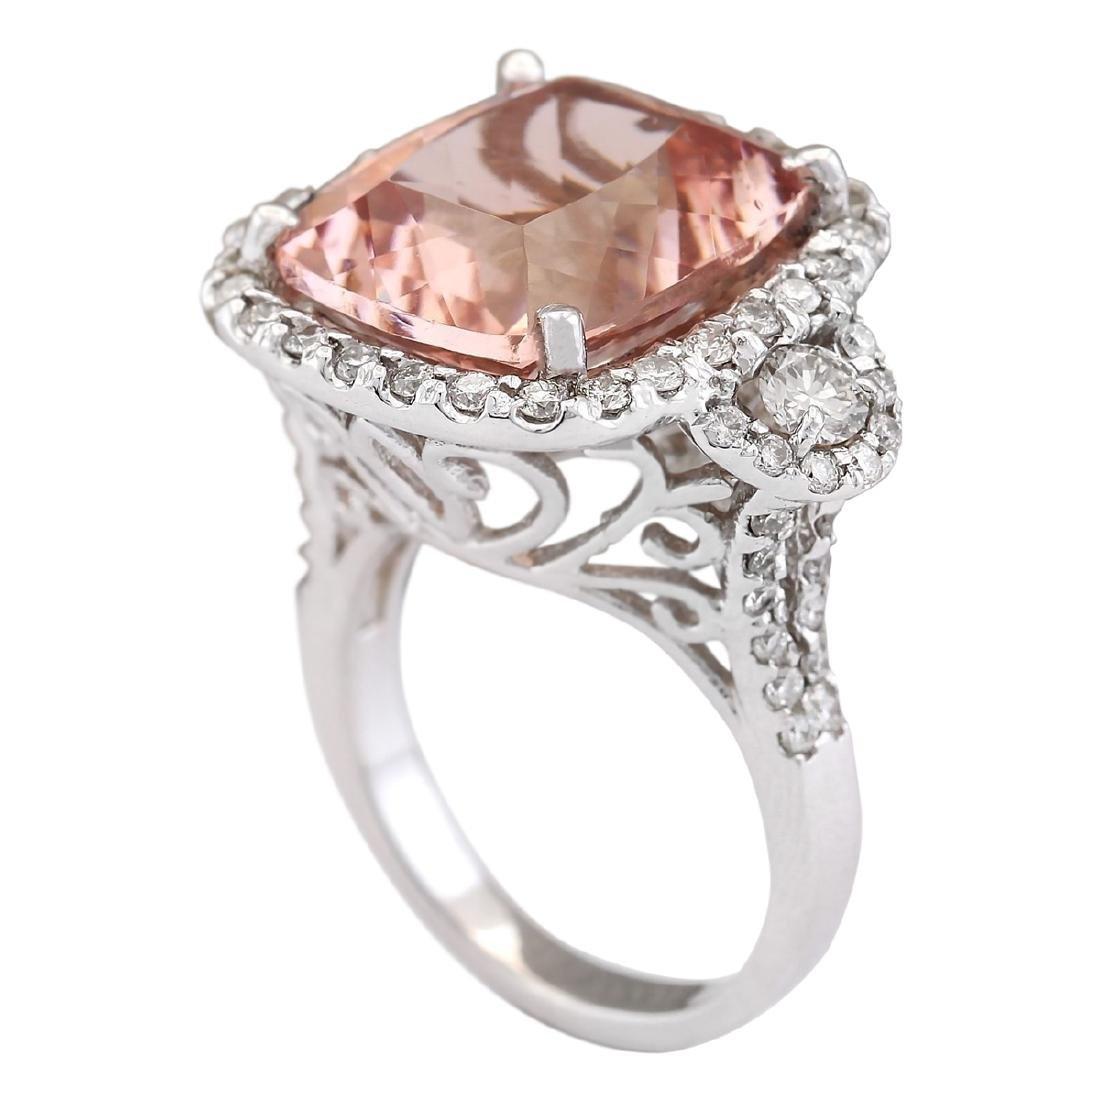 12.01 CTW Natural Morganite And Diamond Ring In 18K - 3